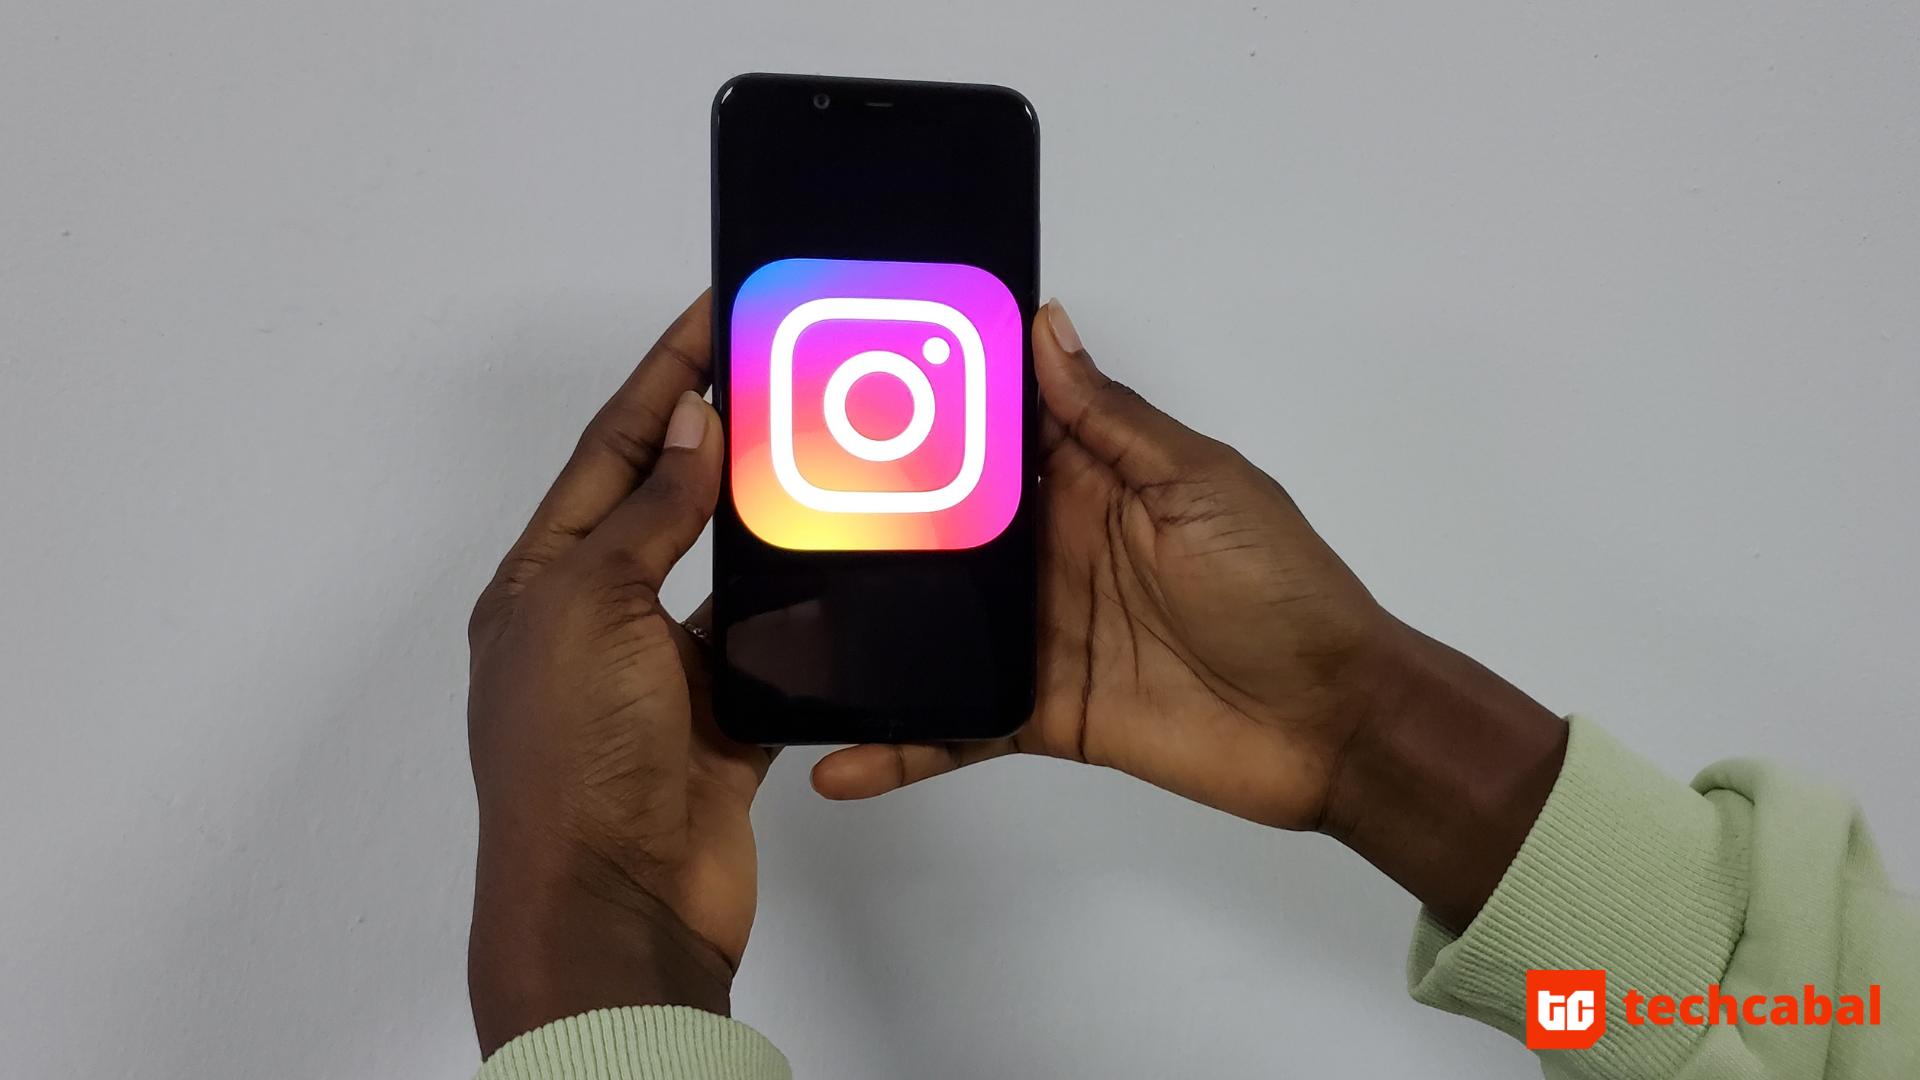 techcabal_instagram